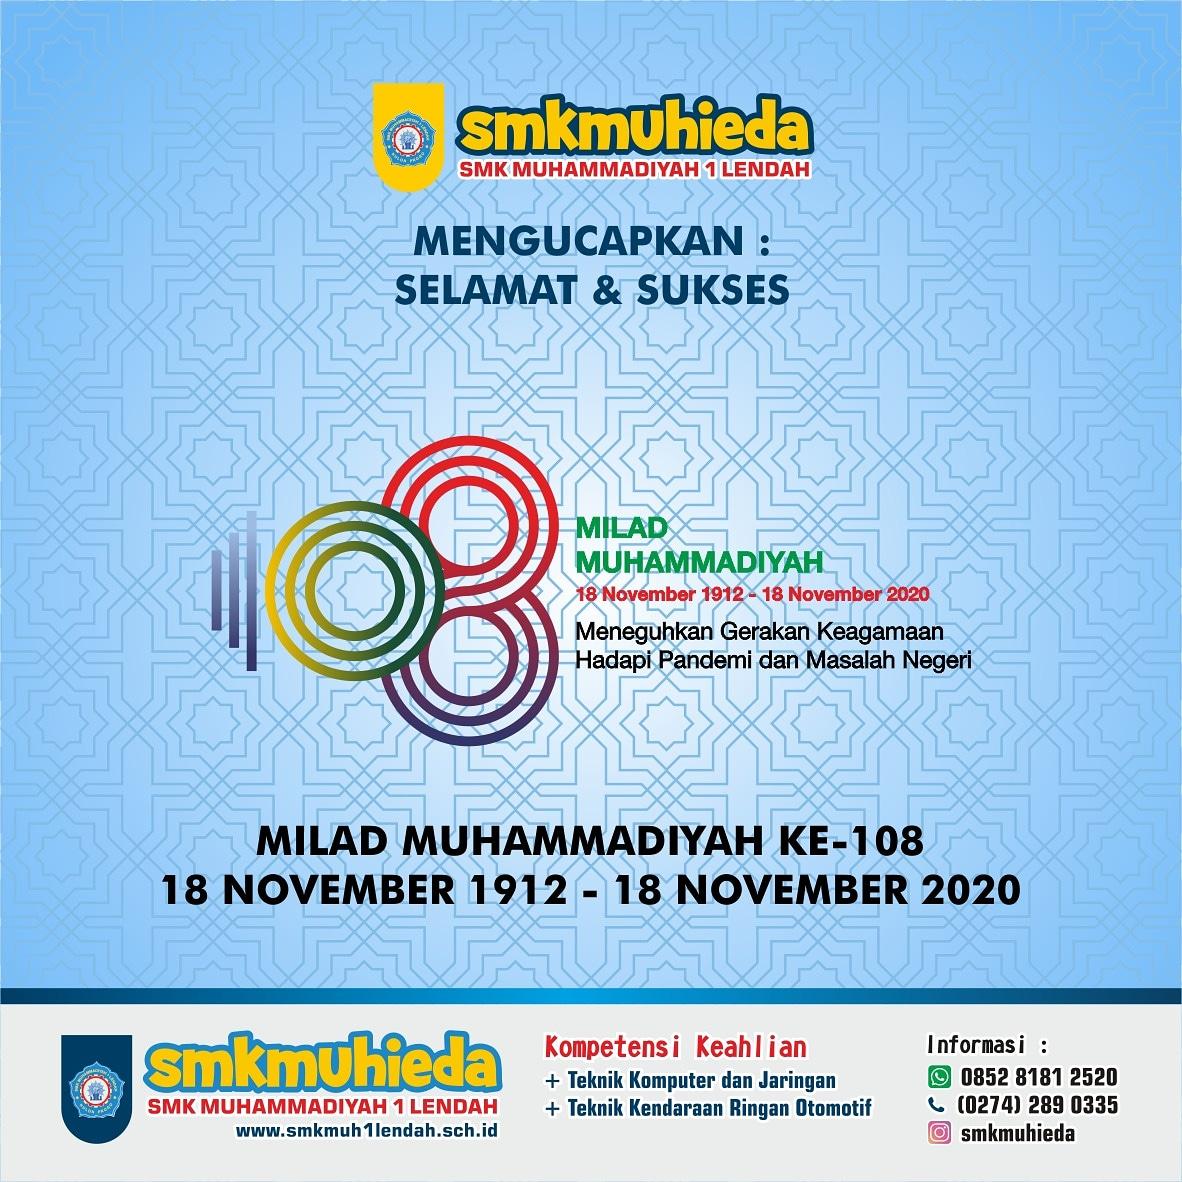 Selamat Milad ke 108 Muhamadiyah